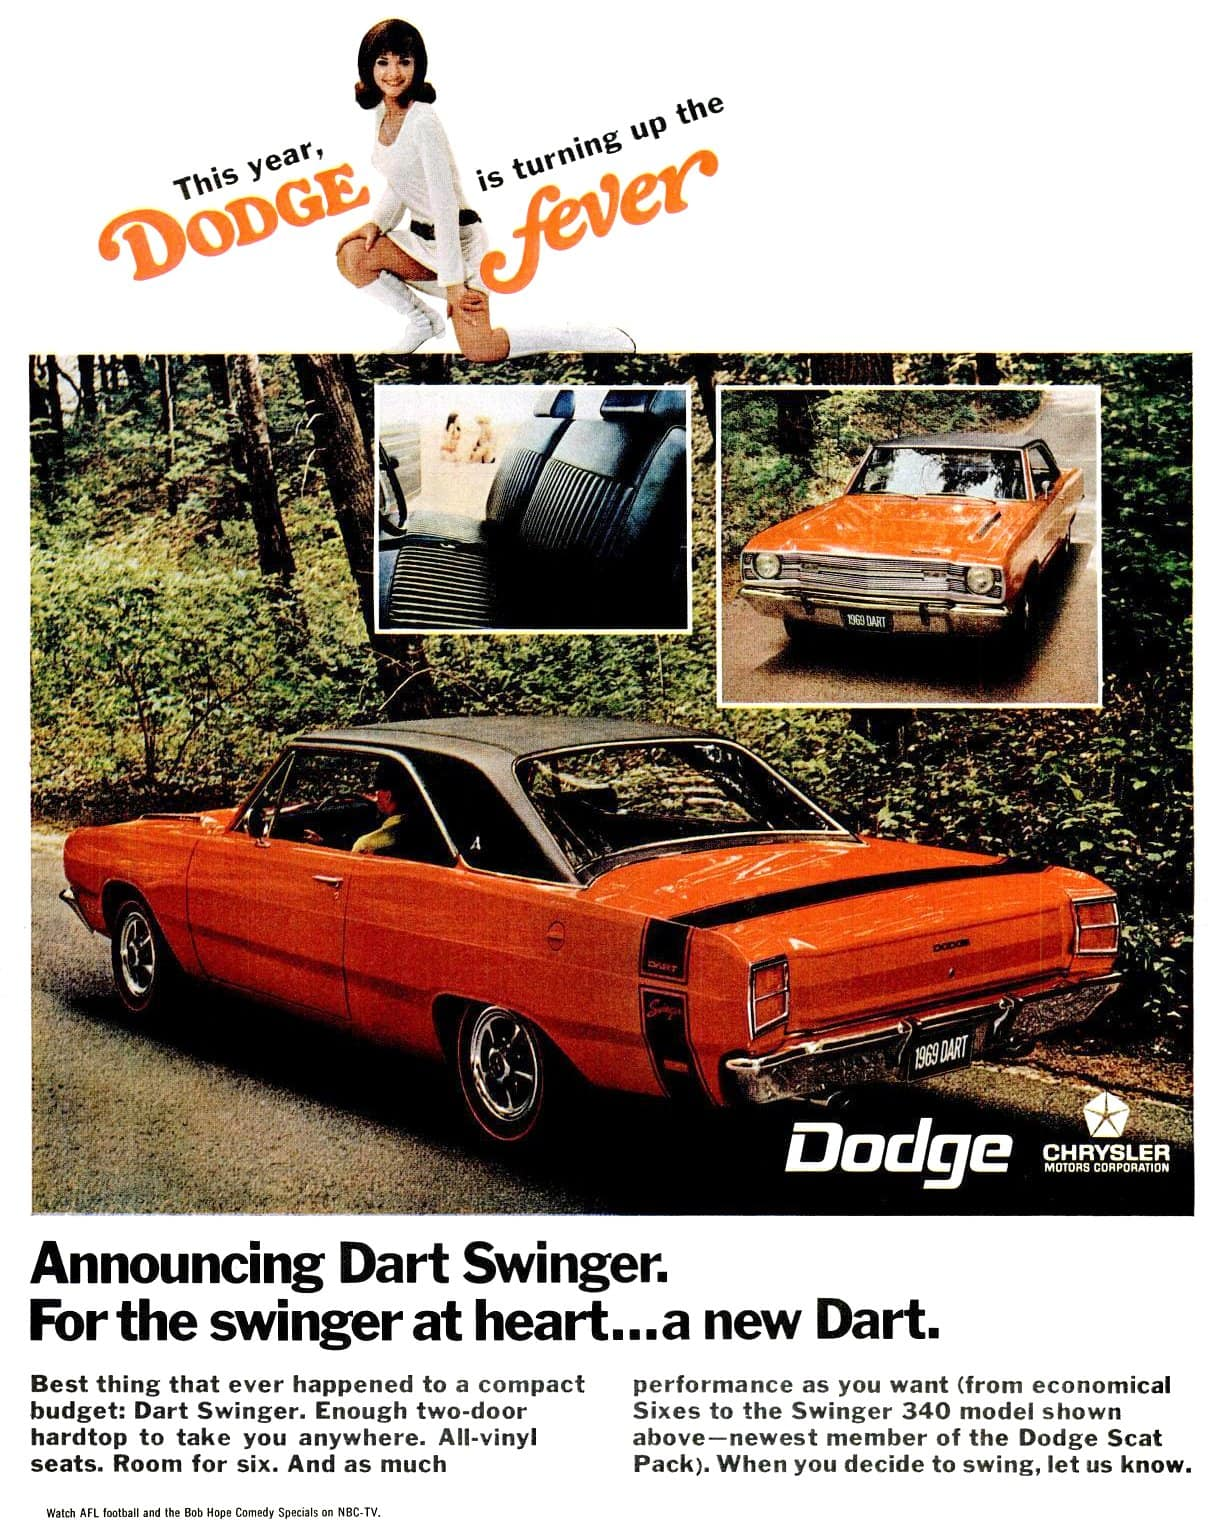 1968 Dart Swinger cars